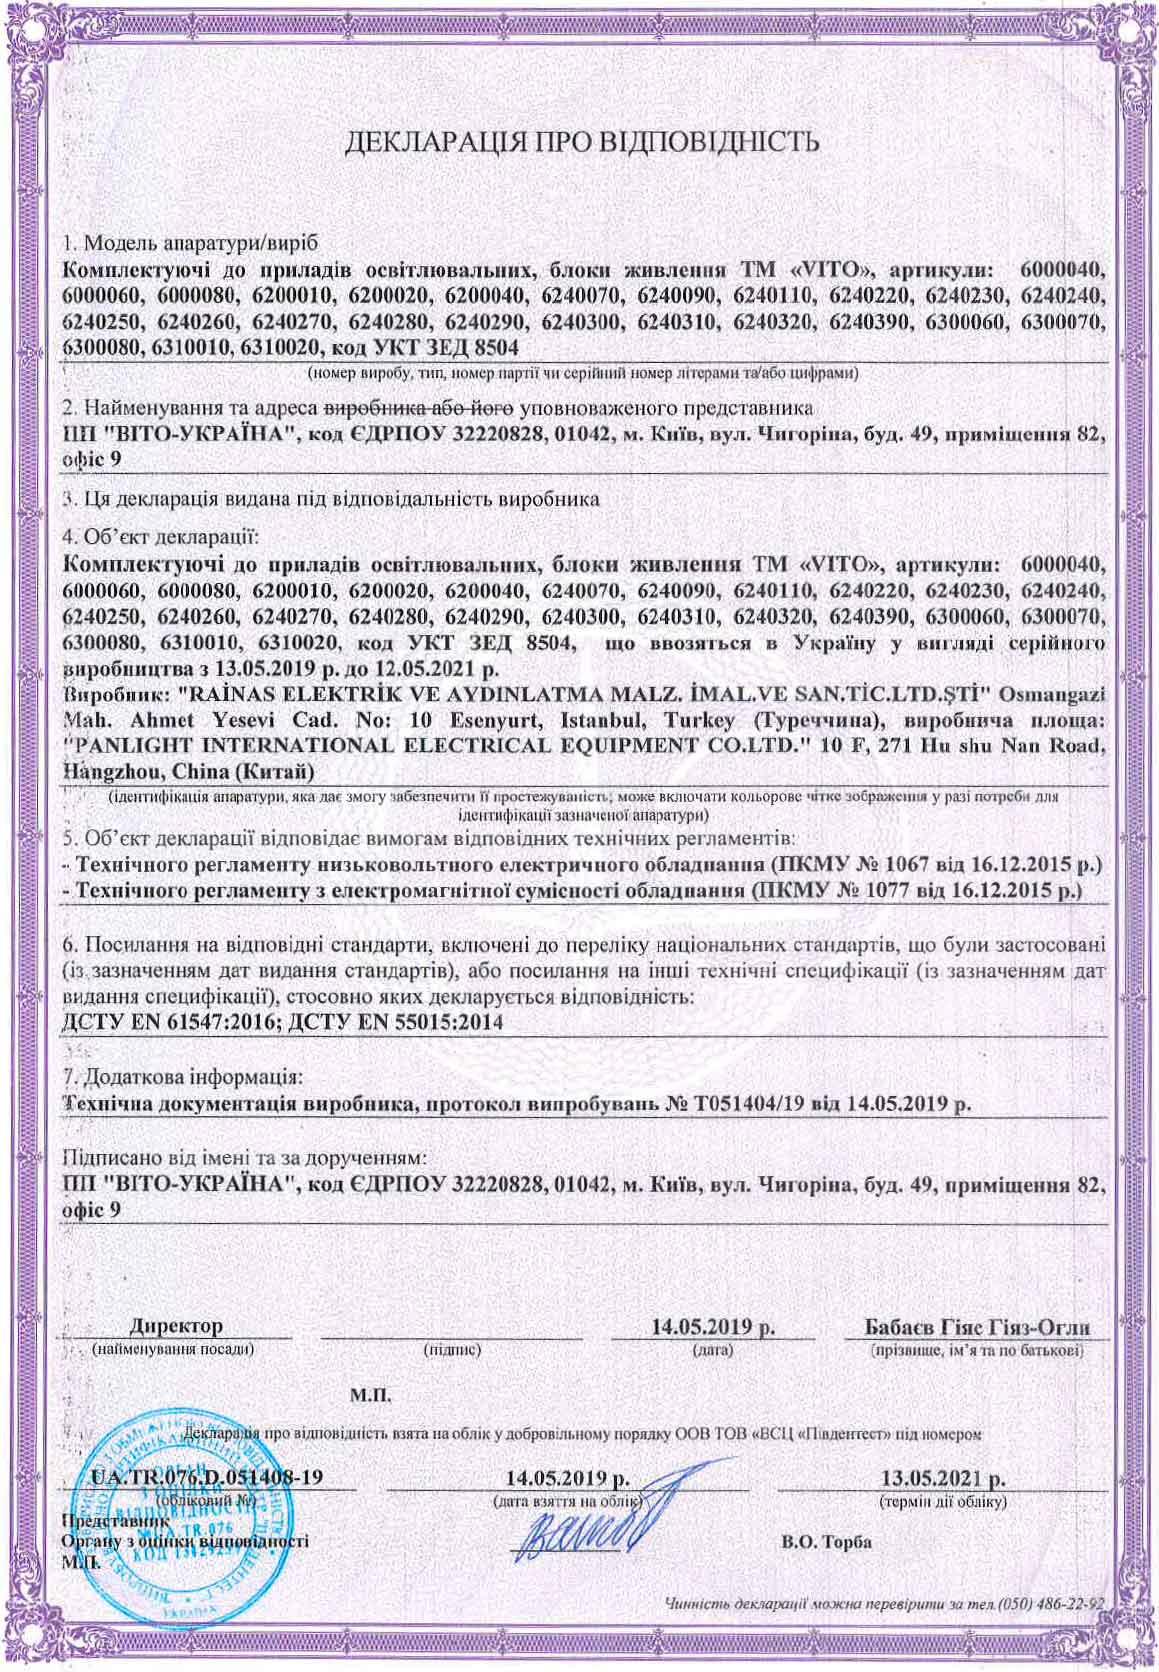 Декларации на продукцию магазина